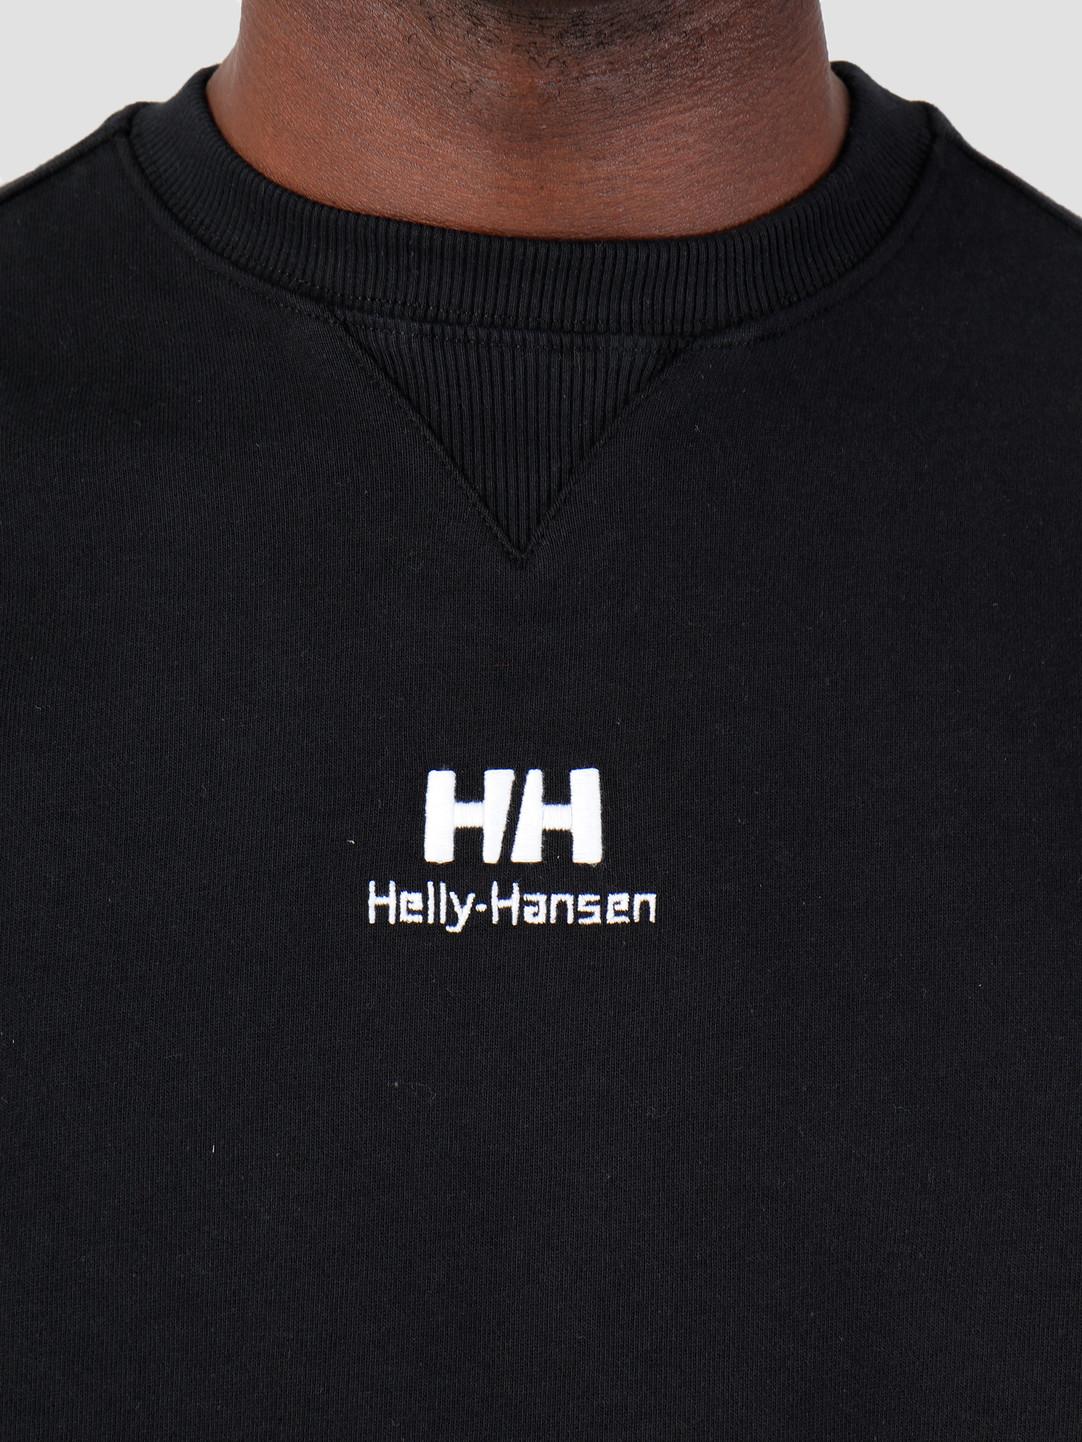 Helly Hansen Helly Hansen HH Urban Sweat 2.0 990 Black 29847990